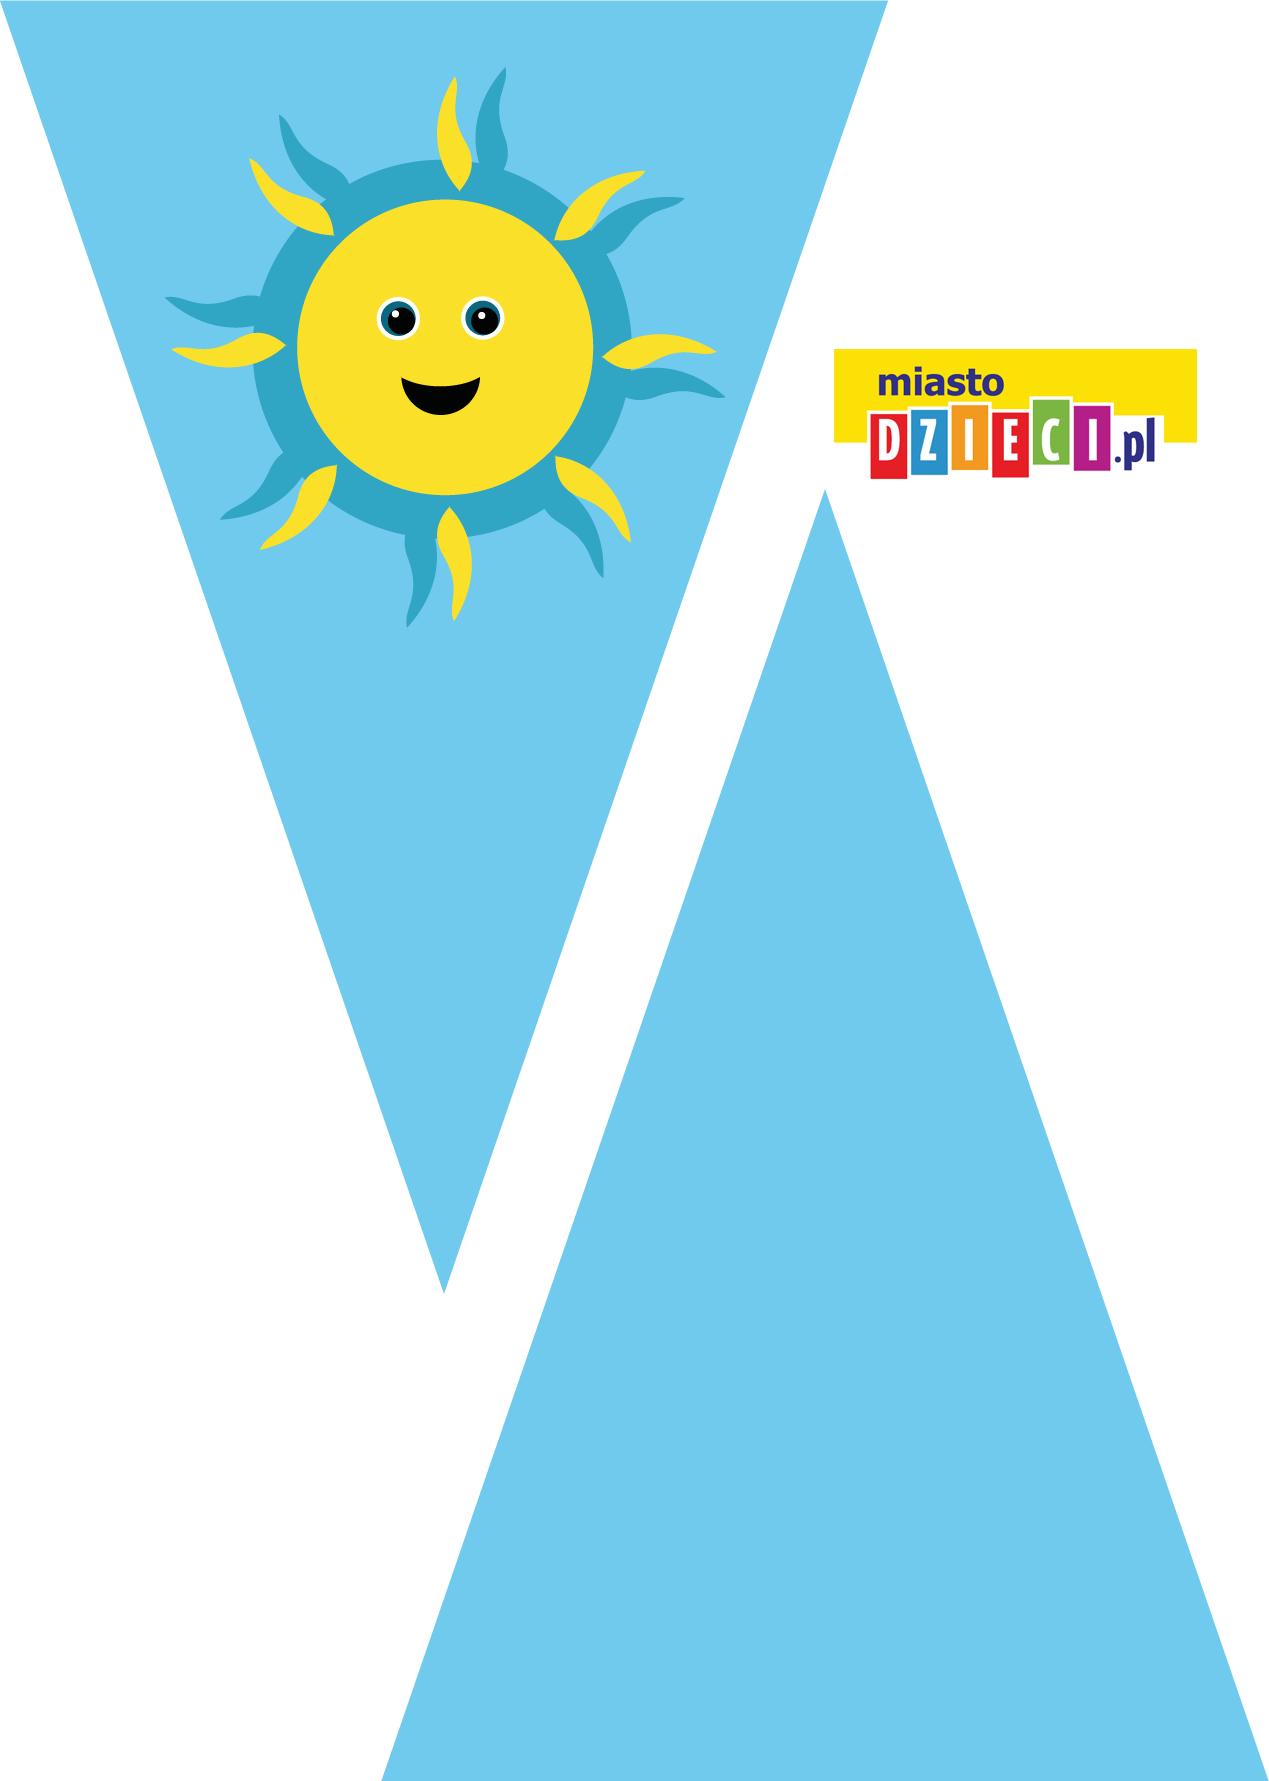 girlanda urodzinowa - trójkąty szablony do druku dla dzieci MiastoDzieci.pl